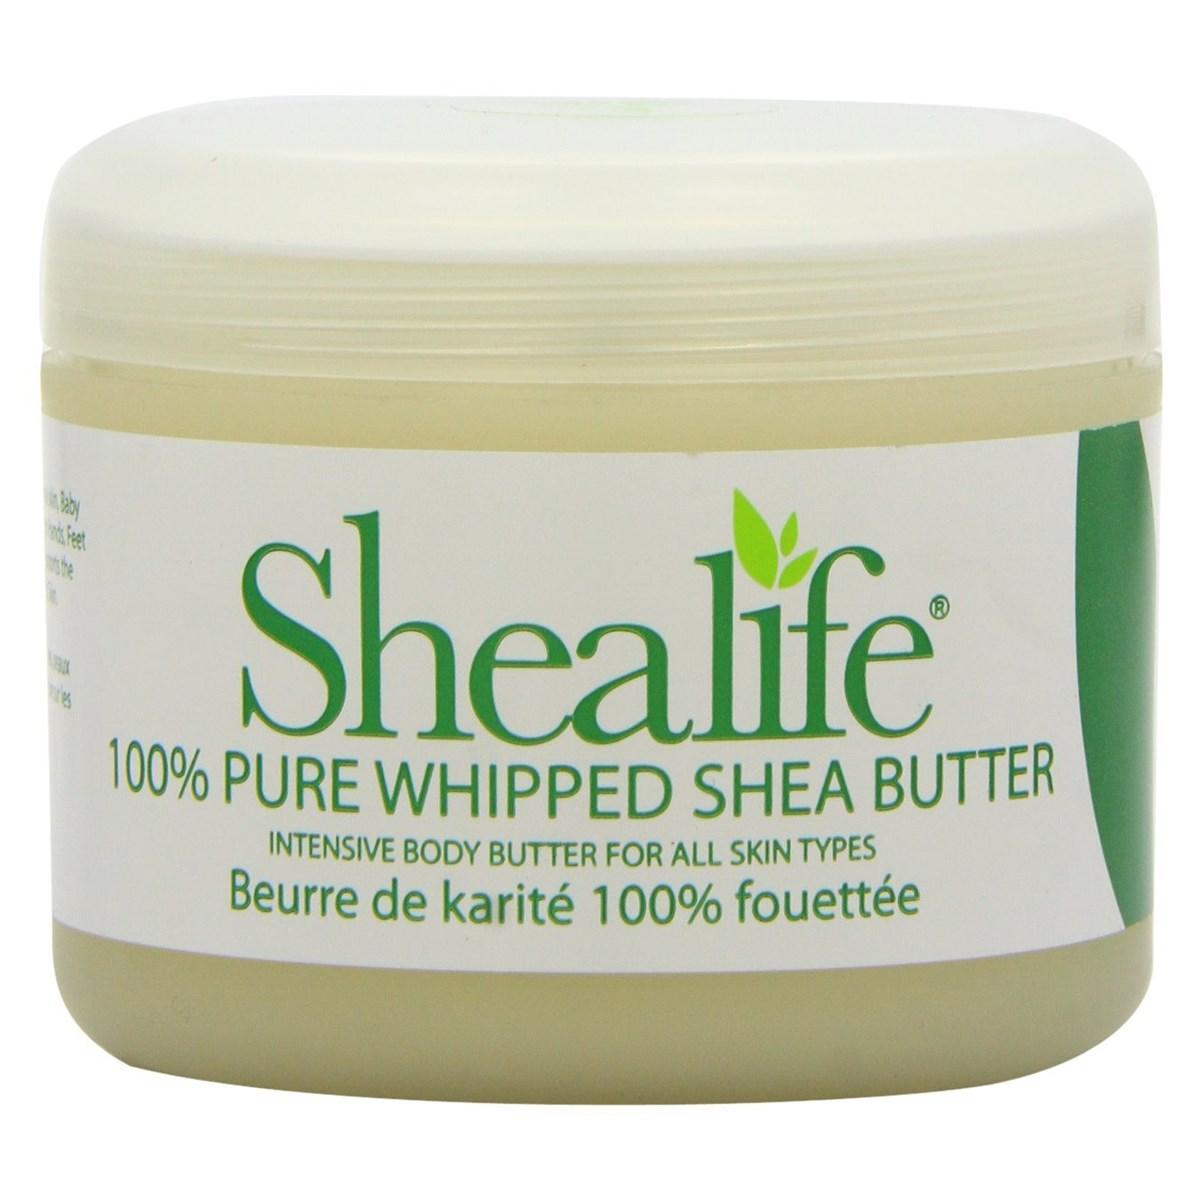 Shealife 100% Pure Whipped Shea Butter Body Butter